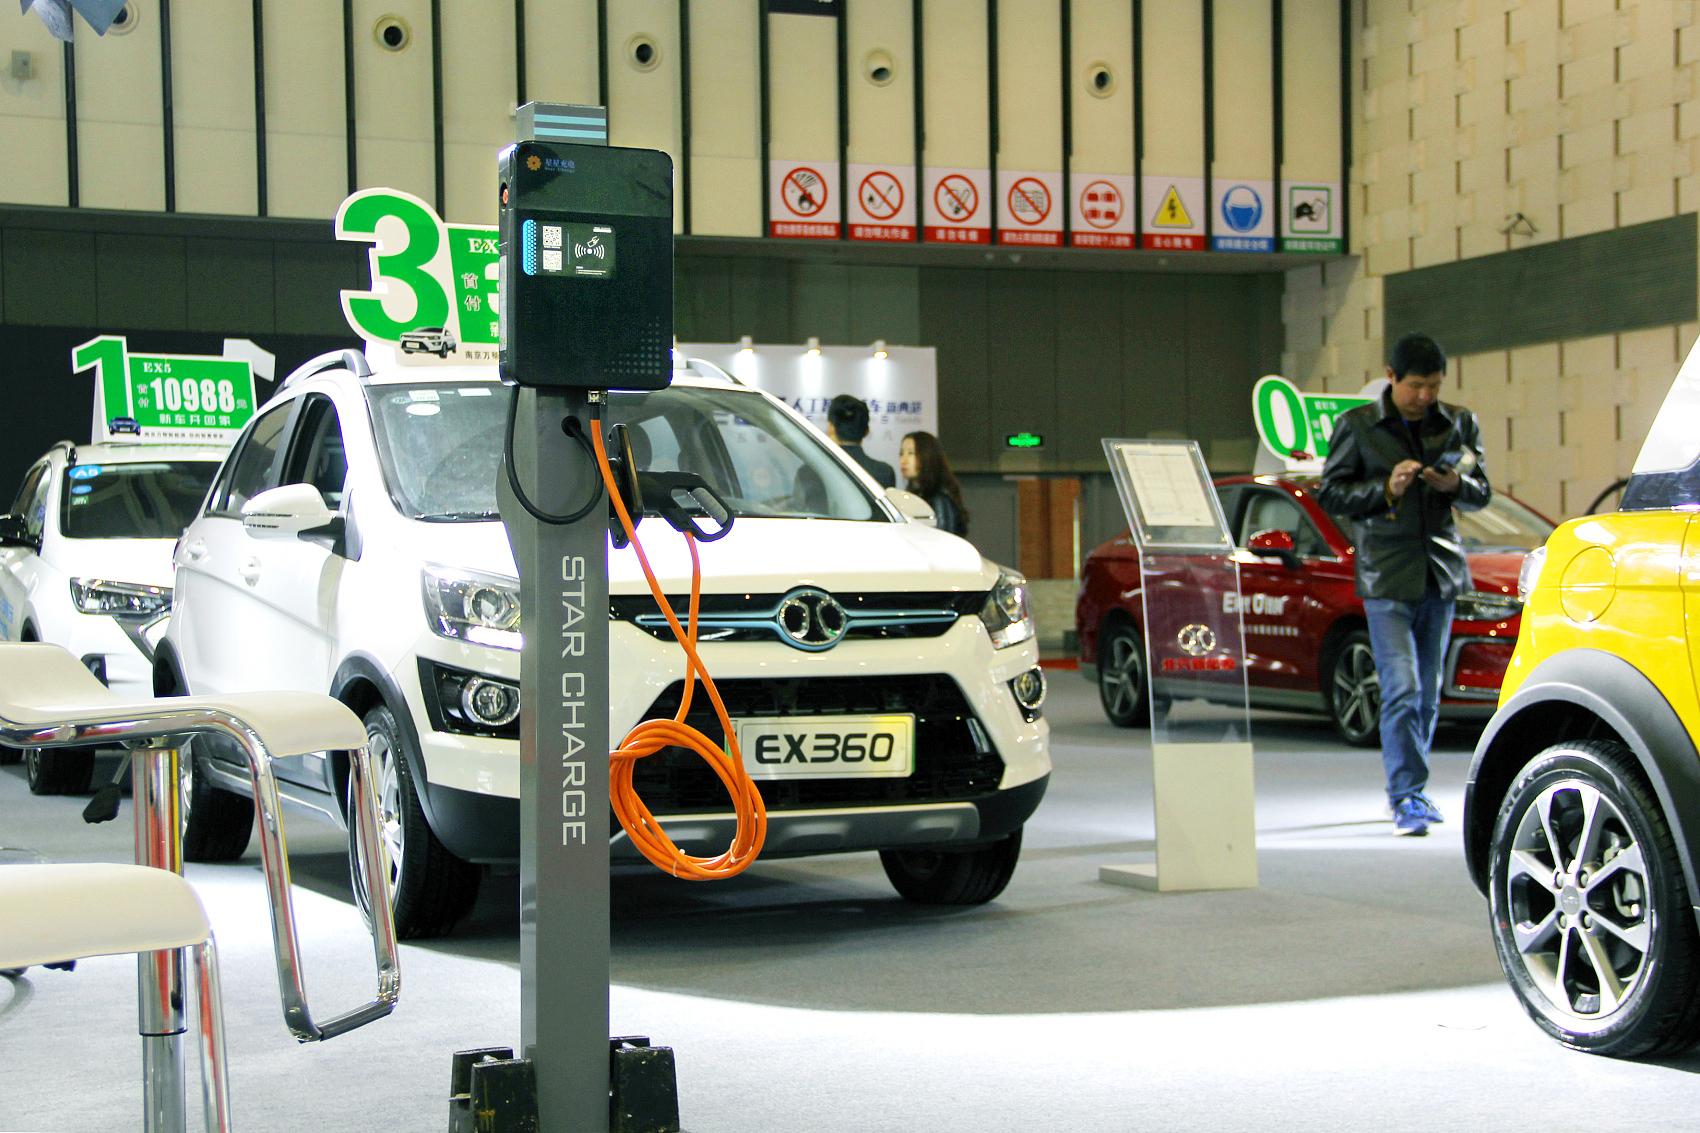 首批新能源车电池迎报废潮 换电池还是低价卖?